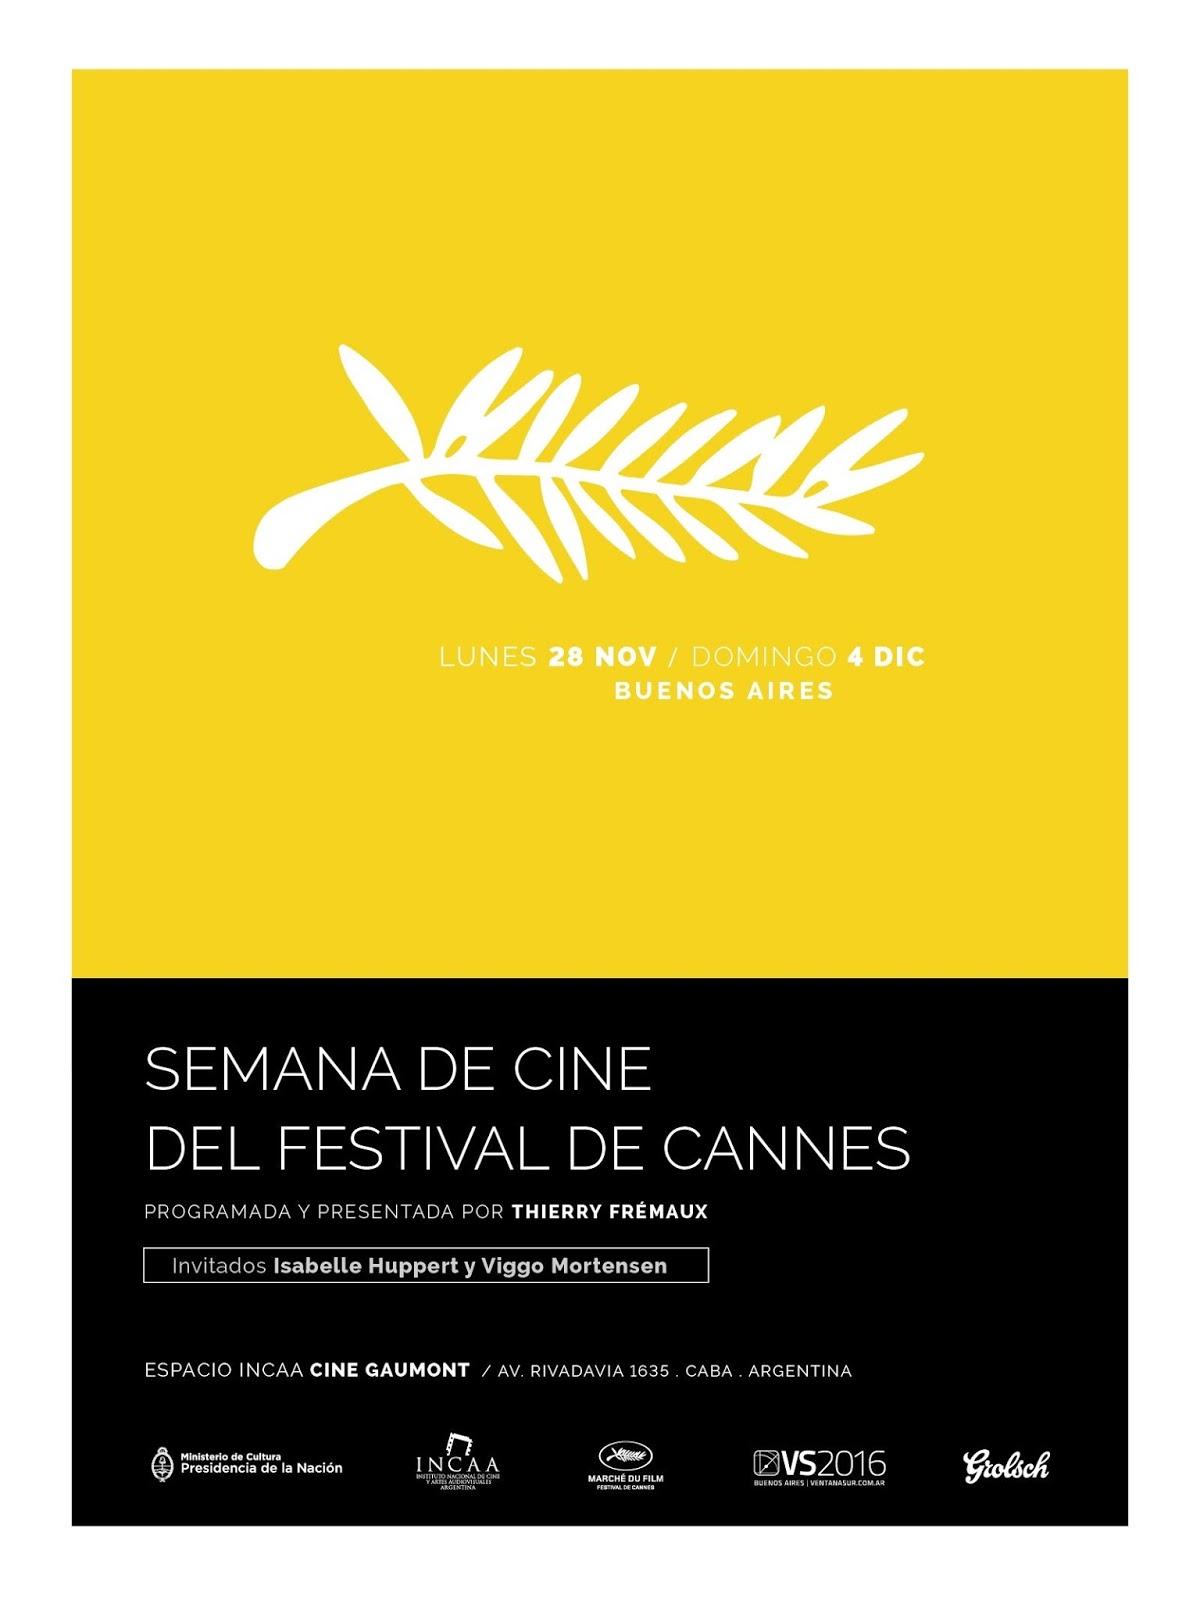 Noviembre comienza la semana de cine del festival de for Semana del diseno buenos aires